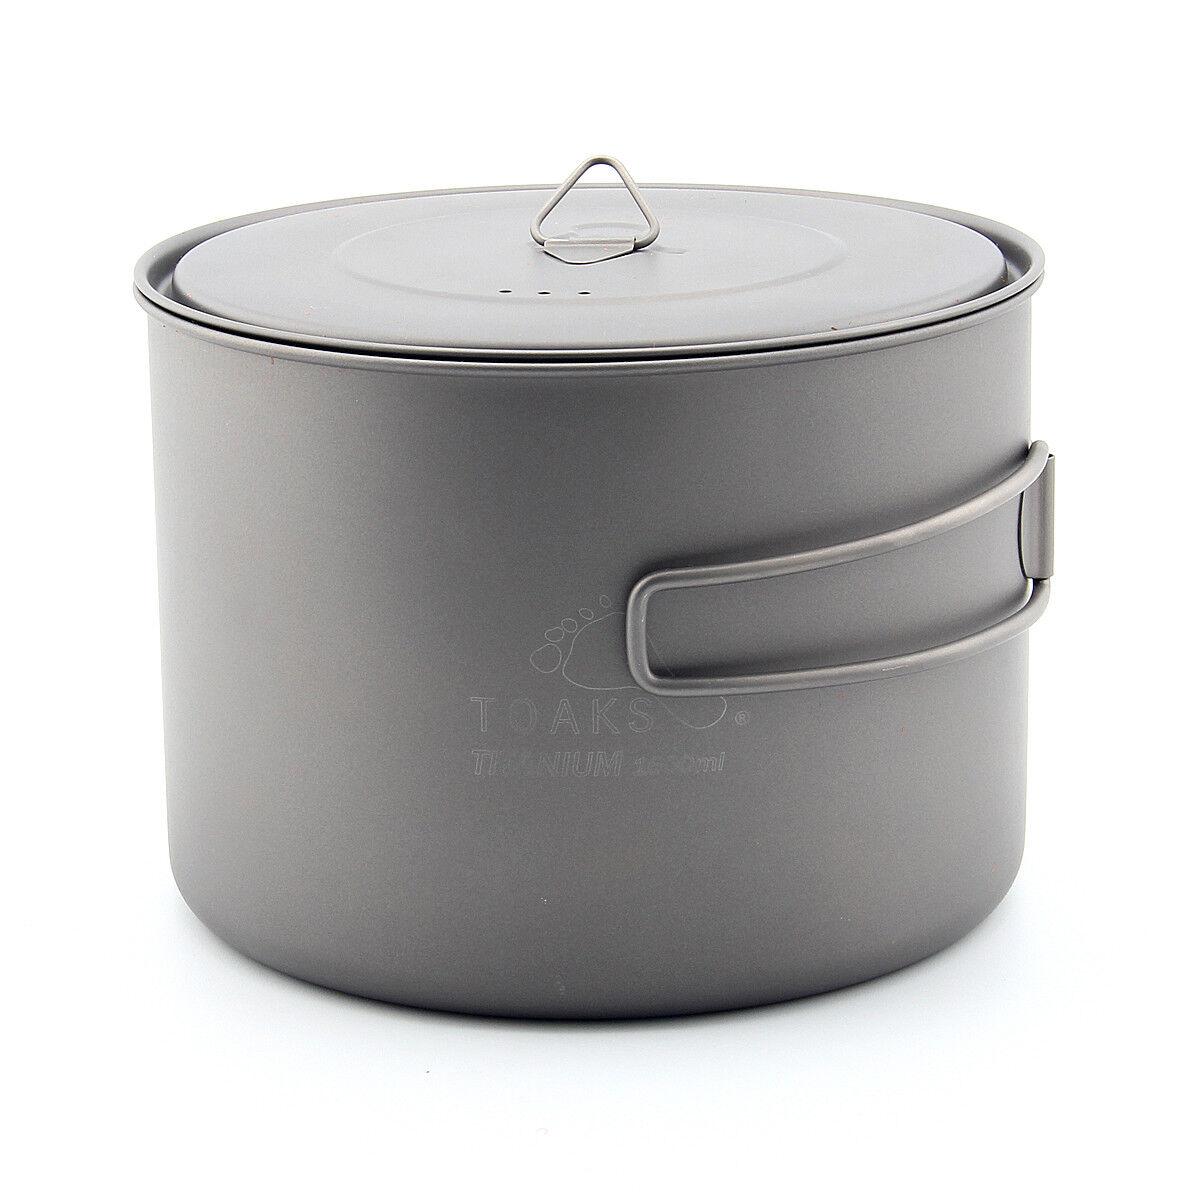 TOAKS POT-1600 POT-1600-BH Titanium Pot cup Outdoor Camping Pot with Lid 1600ml